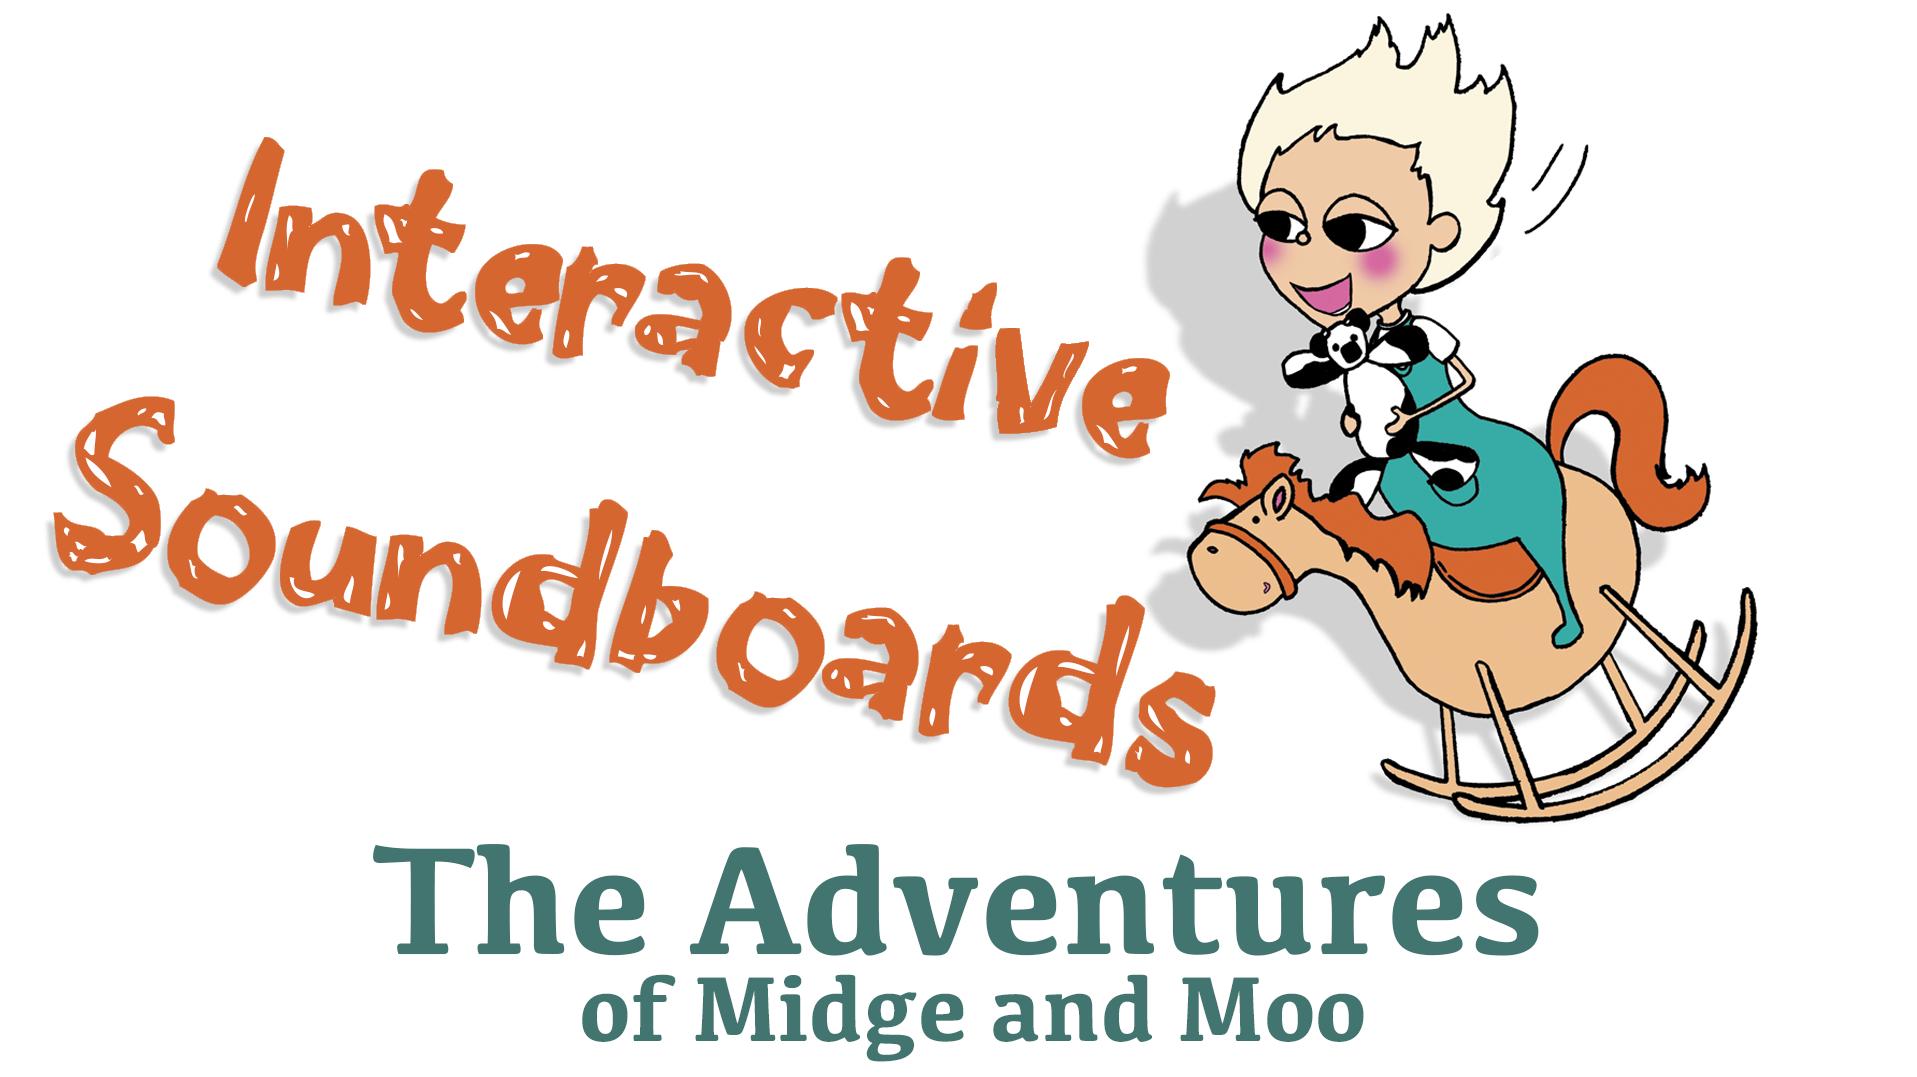 InteractiveSoundboardwithMoo